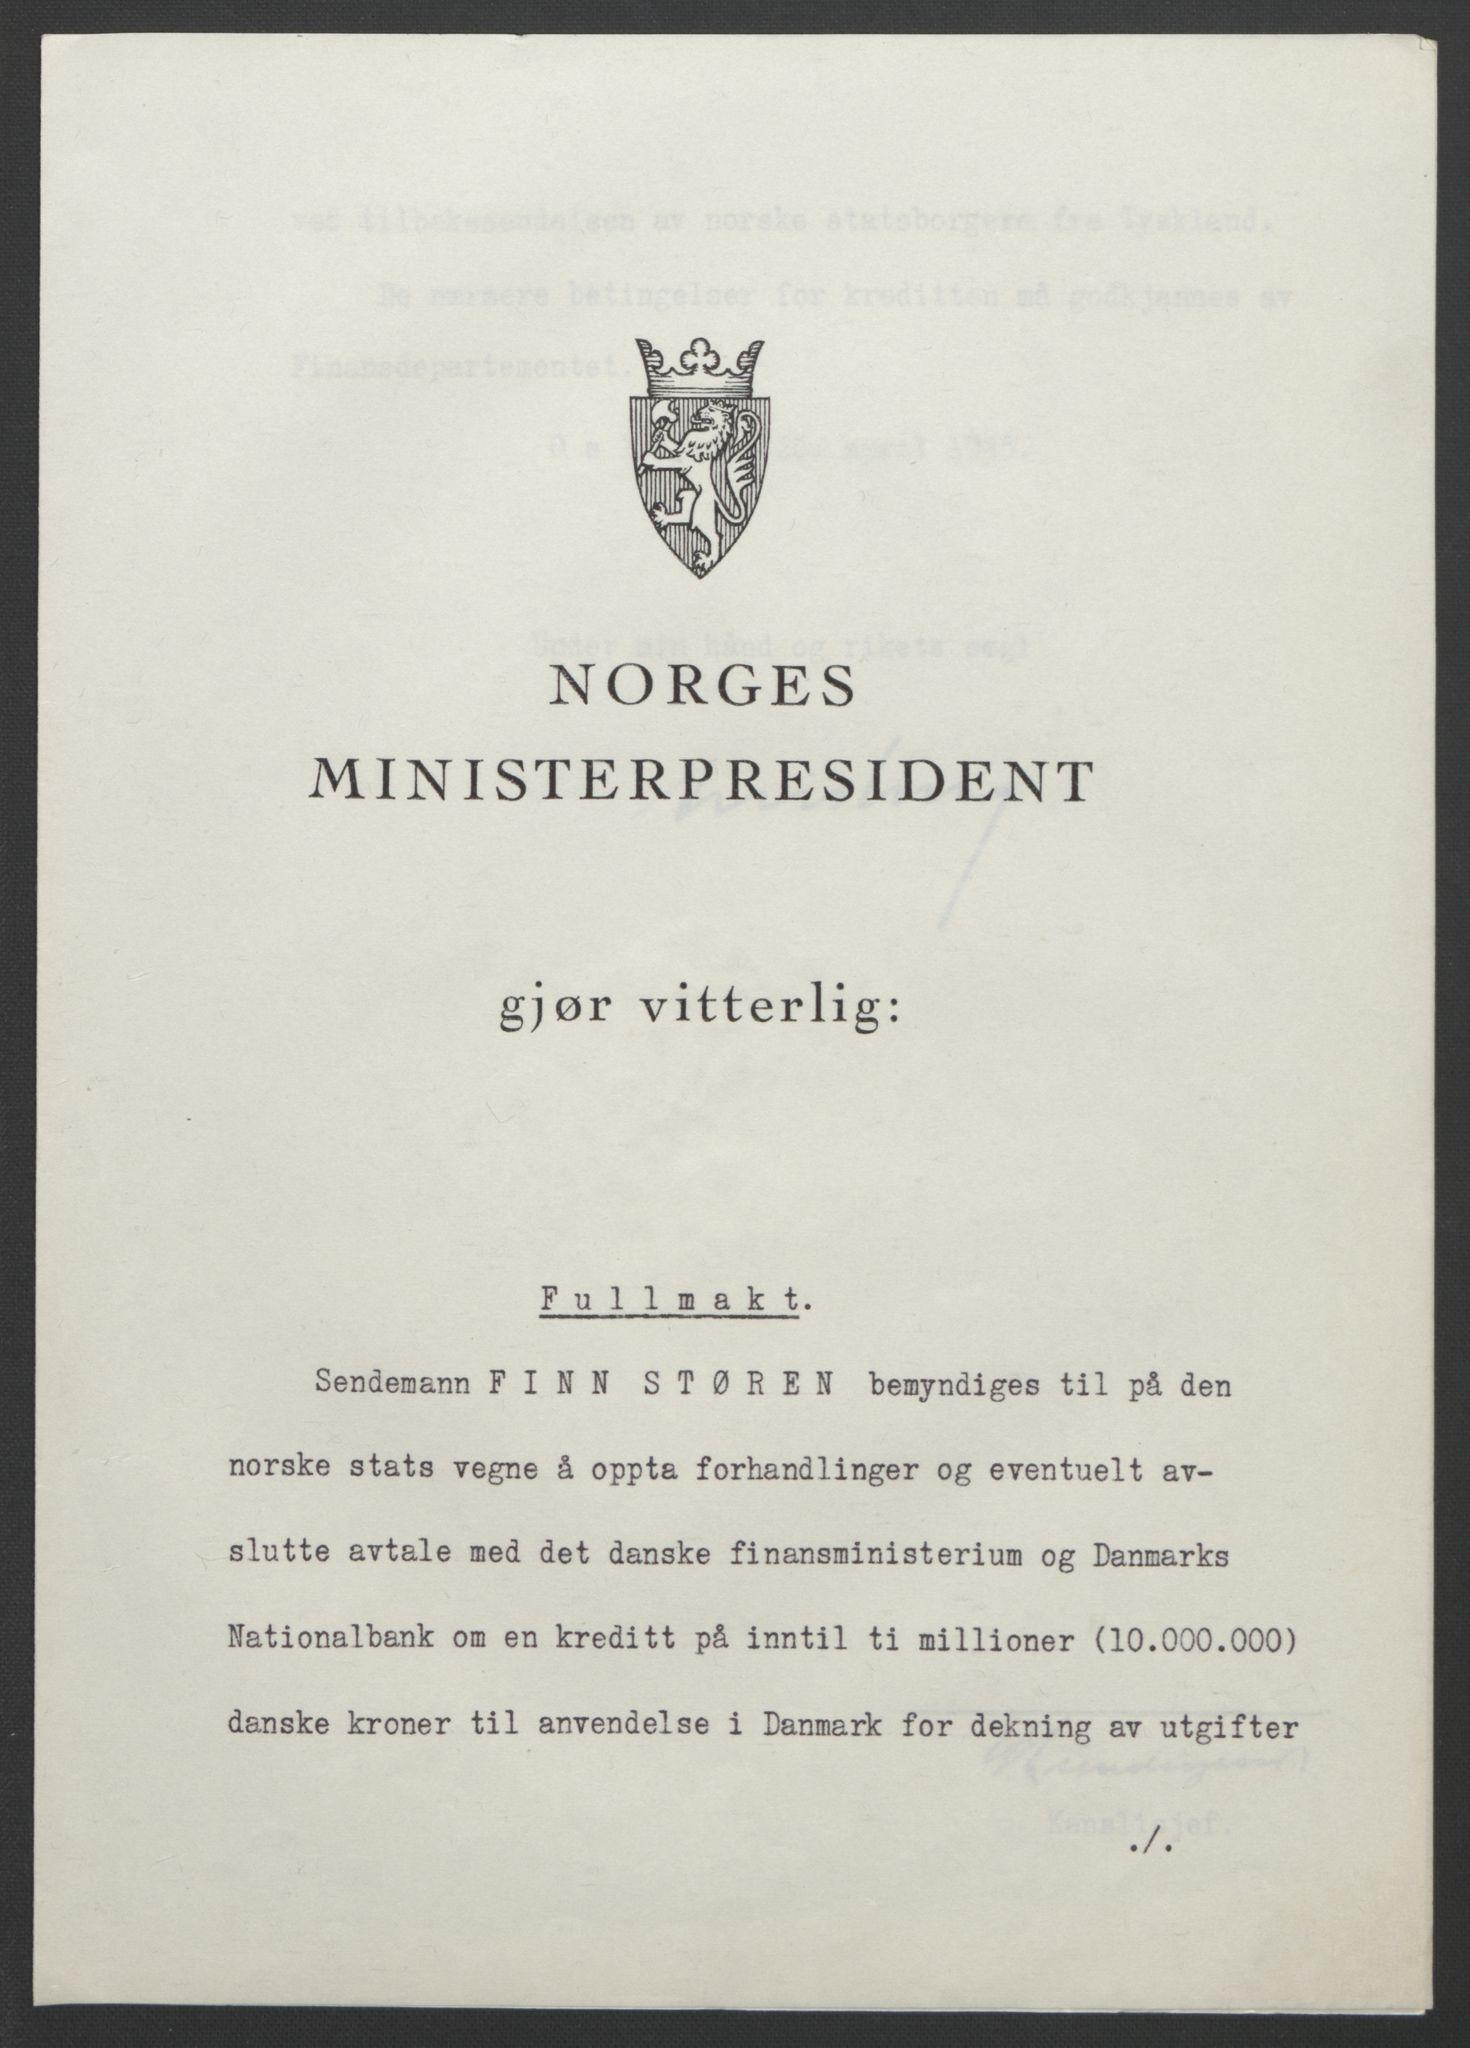 RA, NS-administrasjonen 1940-1945 (Statsrådsekretariatet, de kommisariske statsråder mm), D/Db/L0111: Saker fra krigsårene, 1940-1945, s. 545